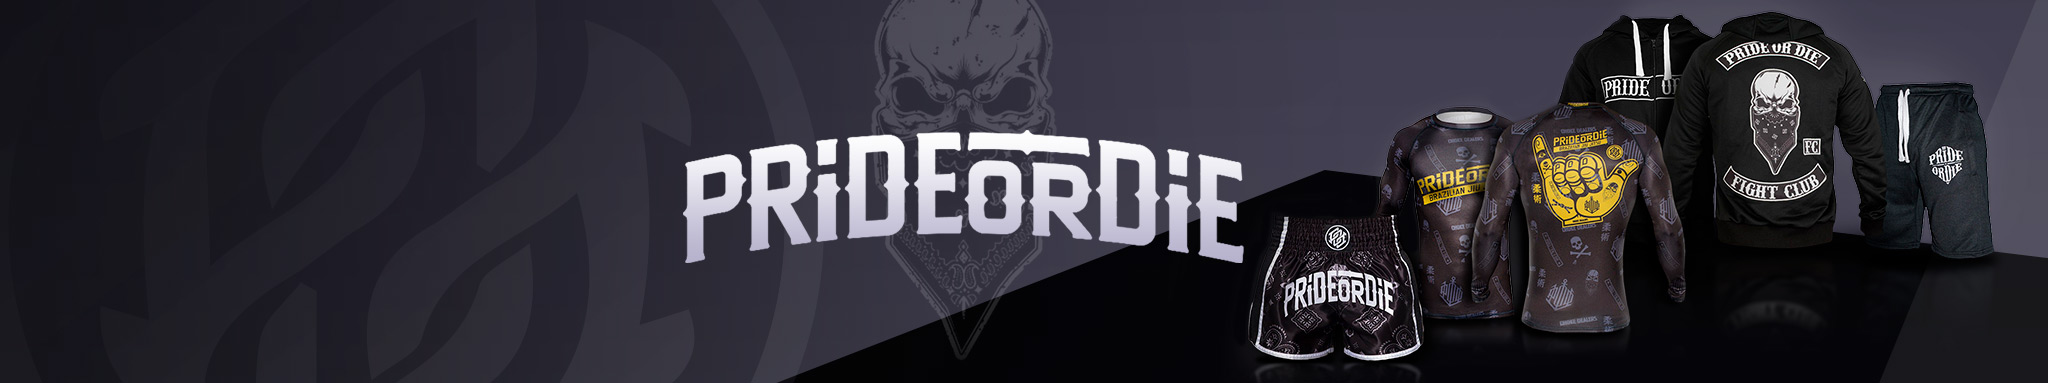 Pride or die : vêtements de la marque PrideOrDie | Dragon Bleu